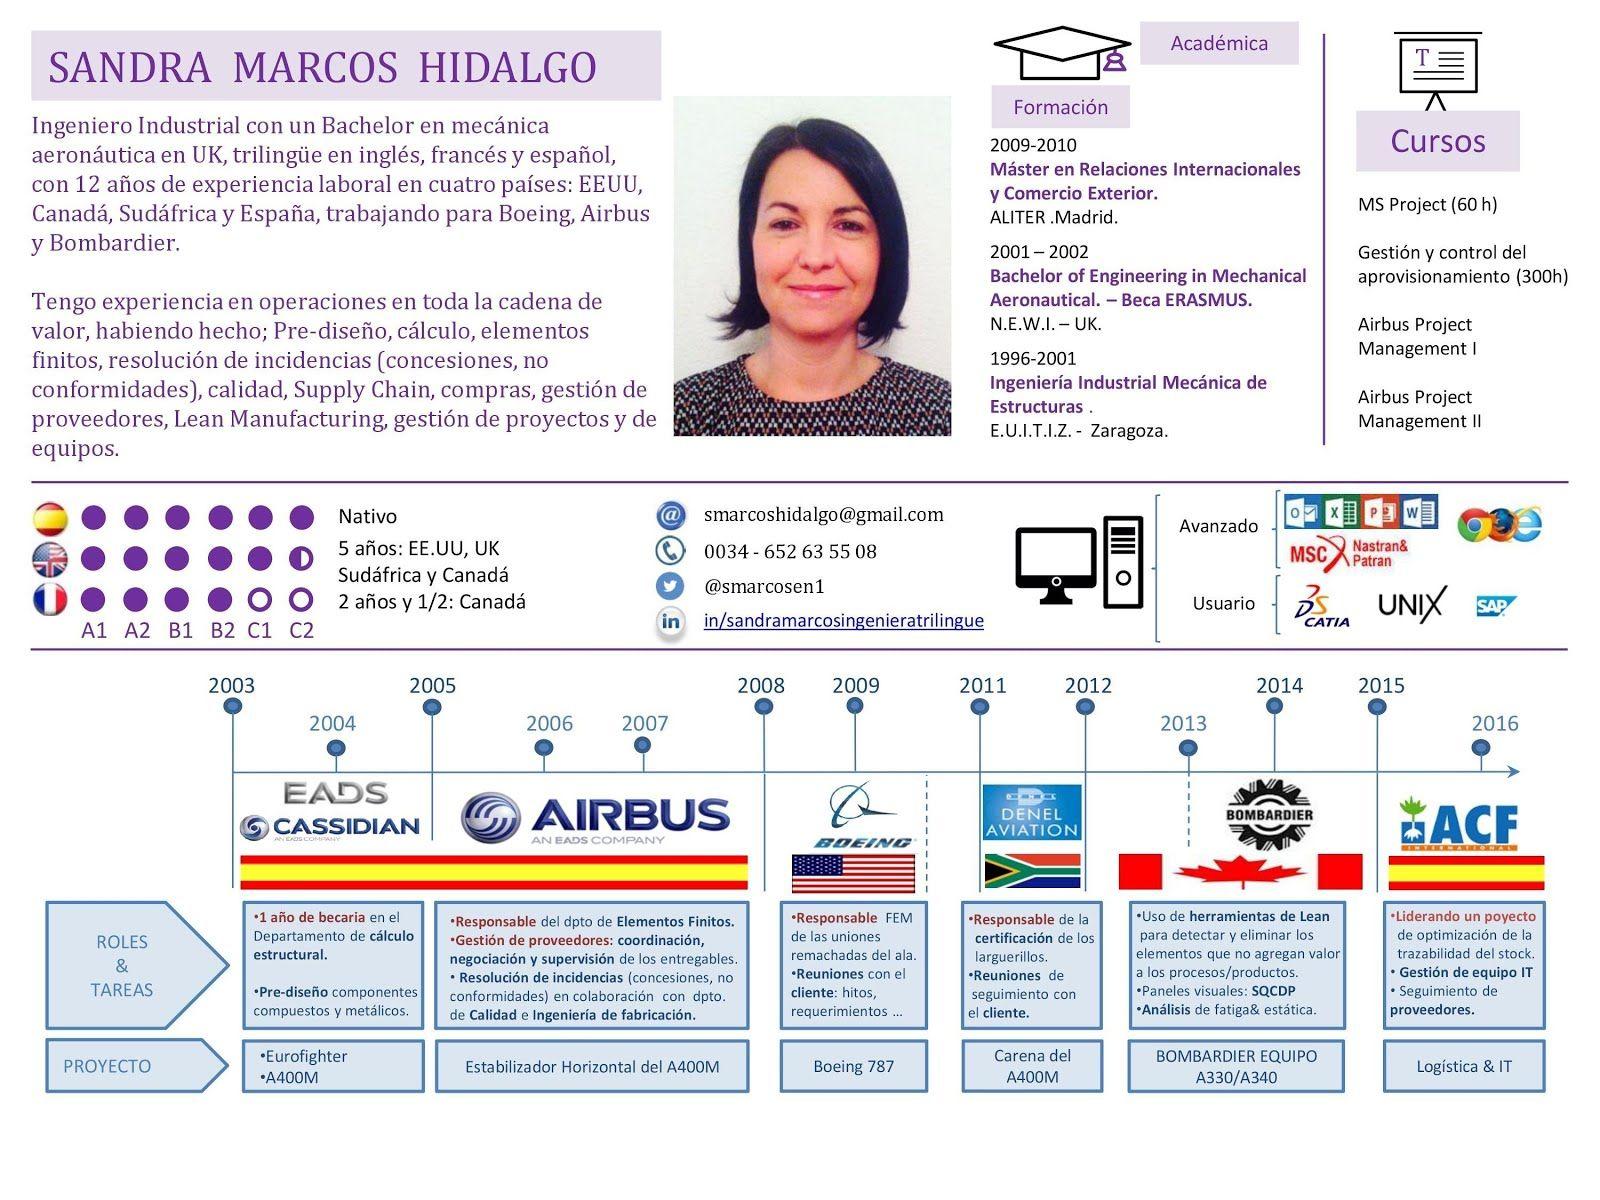 Plantilla de CV estilo Infografía. 100% editable y gratis - Gabriel ...